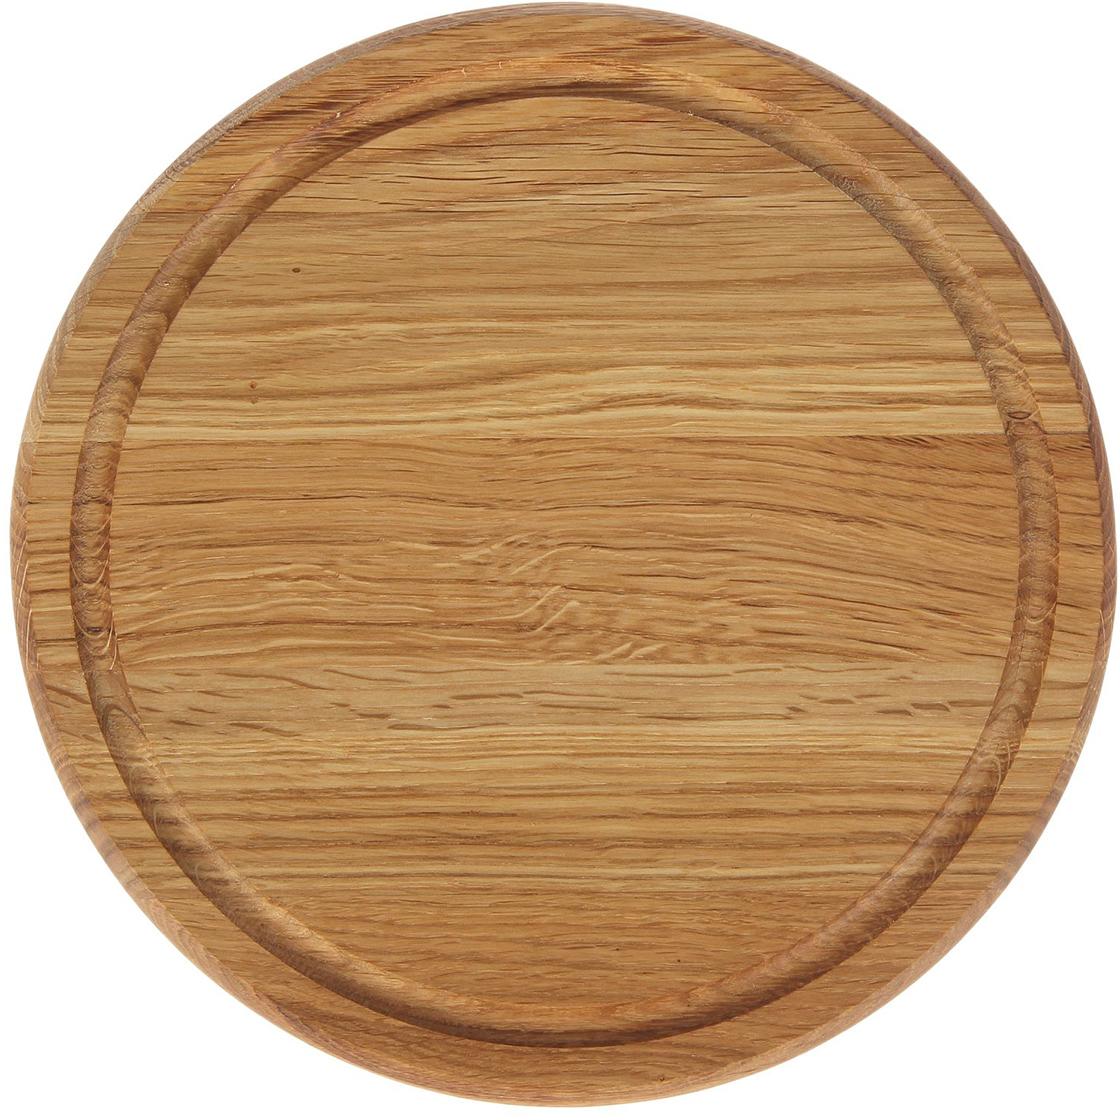 Доска разделочная Доброе дерево Для пиццы, цвет: бежевый, 25 х 25 х 2 см1893045Такую разделочную доску можно использовать и в качестве подноса. Подав пиццу таким образом, вы удивите своих гостей.Изделие выполнено из древесины твёрдых пород, которые менее чувствительны к влаге. Этот материал имеет больший срок службы. Также такая древесина приспособлена для ежедневной нарезки твёрдых продуктов.Уход за деревянной разделочной доскойОбработайте перед первым применением. Используйте пищевое минеральное или льняное масло. Протрите им доску и дайте впитаться в древесину. Уберите излишки масла сухой тканью. Повторяйте процедуру каждые 2?3 месяца, так вы предотвратите появление пятен, плесени и запахов еды. Для сохранения гладкости протирайте изделие наждачной бумагой. Используйте несколько разделочных досок для разного вида пищи. Это препятствует распространению бактерий сырых продуктов. Тщательно мойте и дезинфицируйте разделочную доску мылом и горячей водой после каждого использования. После этого высушите. Чтобы избавиться от запаха чеснока или лука, смажьте доску солью с лимоном. Через пару минут протрите поверхность и промойте её. Храните доску в сухом месте в вертикальном положении и вдали от посторонних запахов. Соблюдайте рекомендации, и разделочная доска прослужит вам долгие годы!